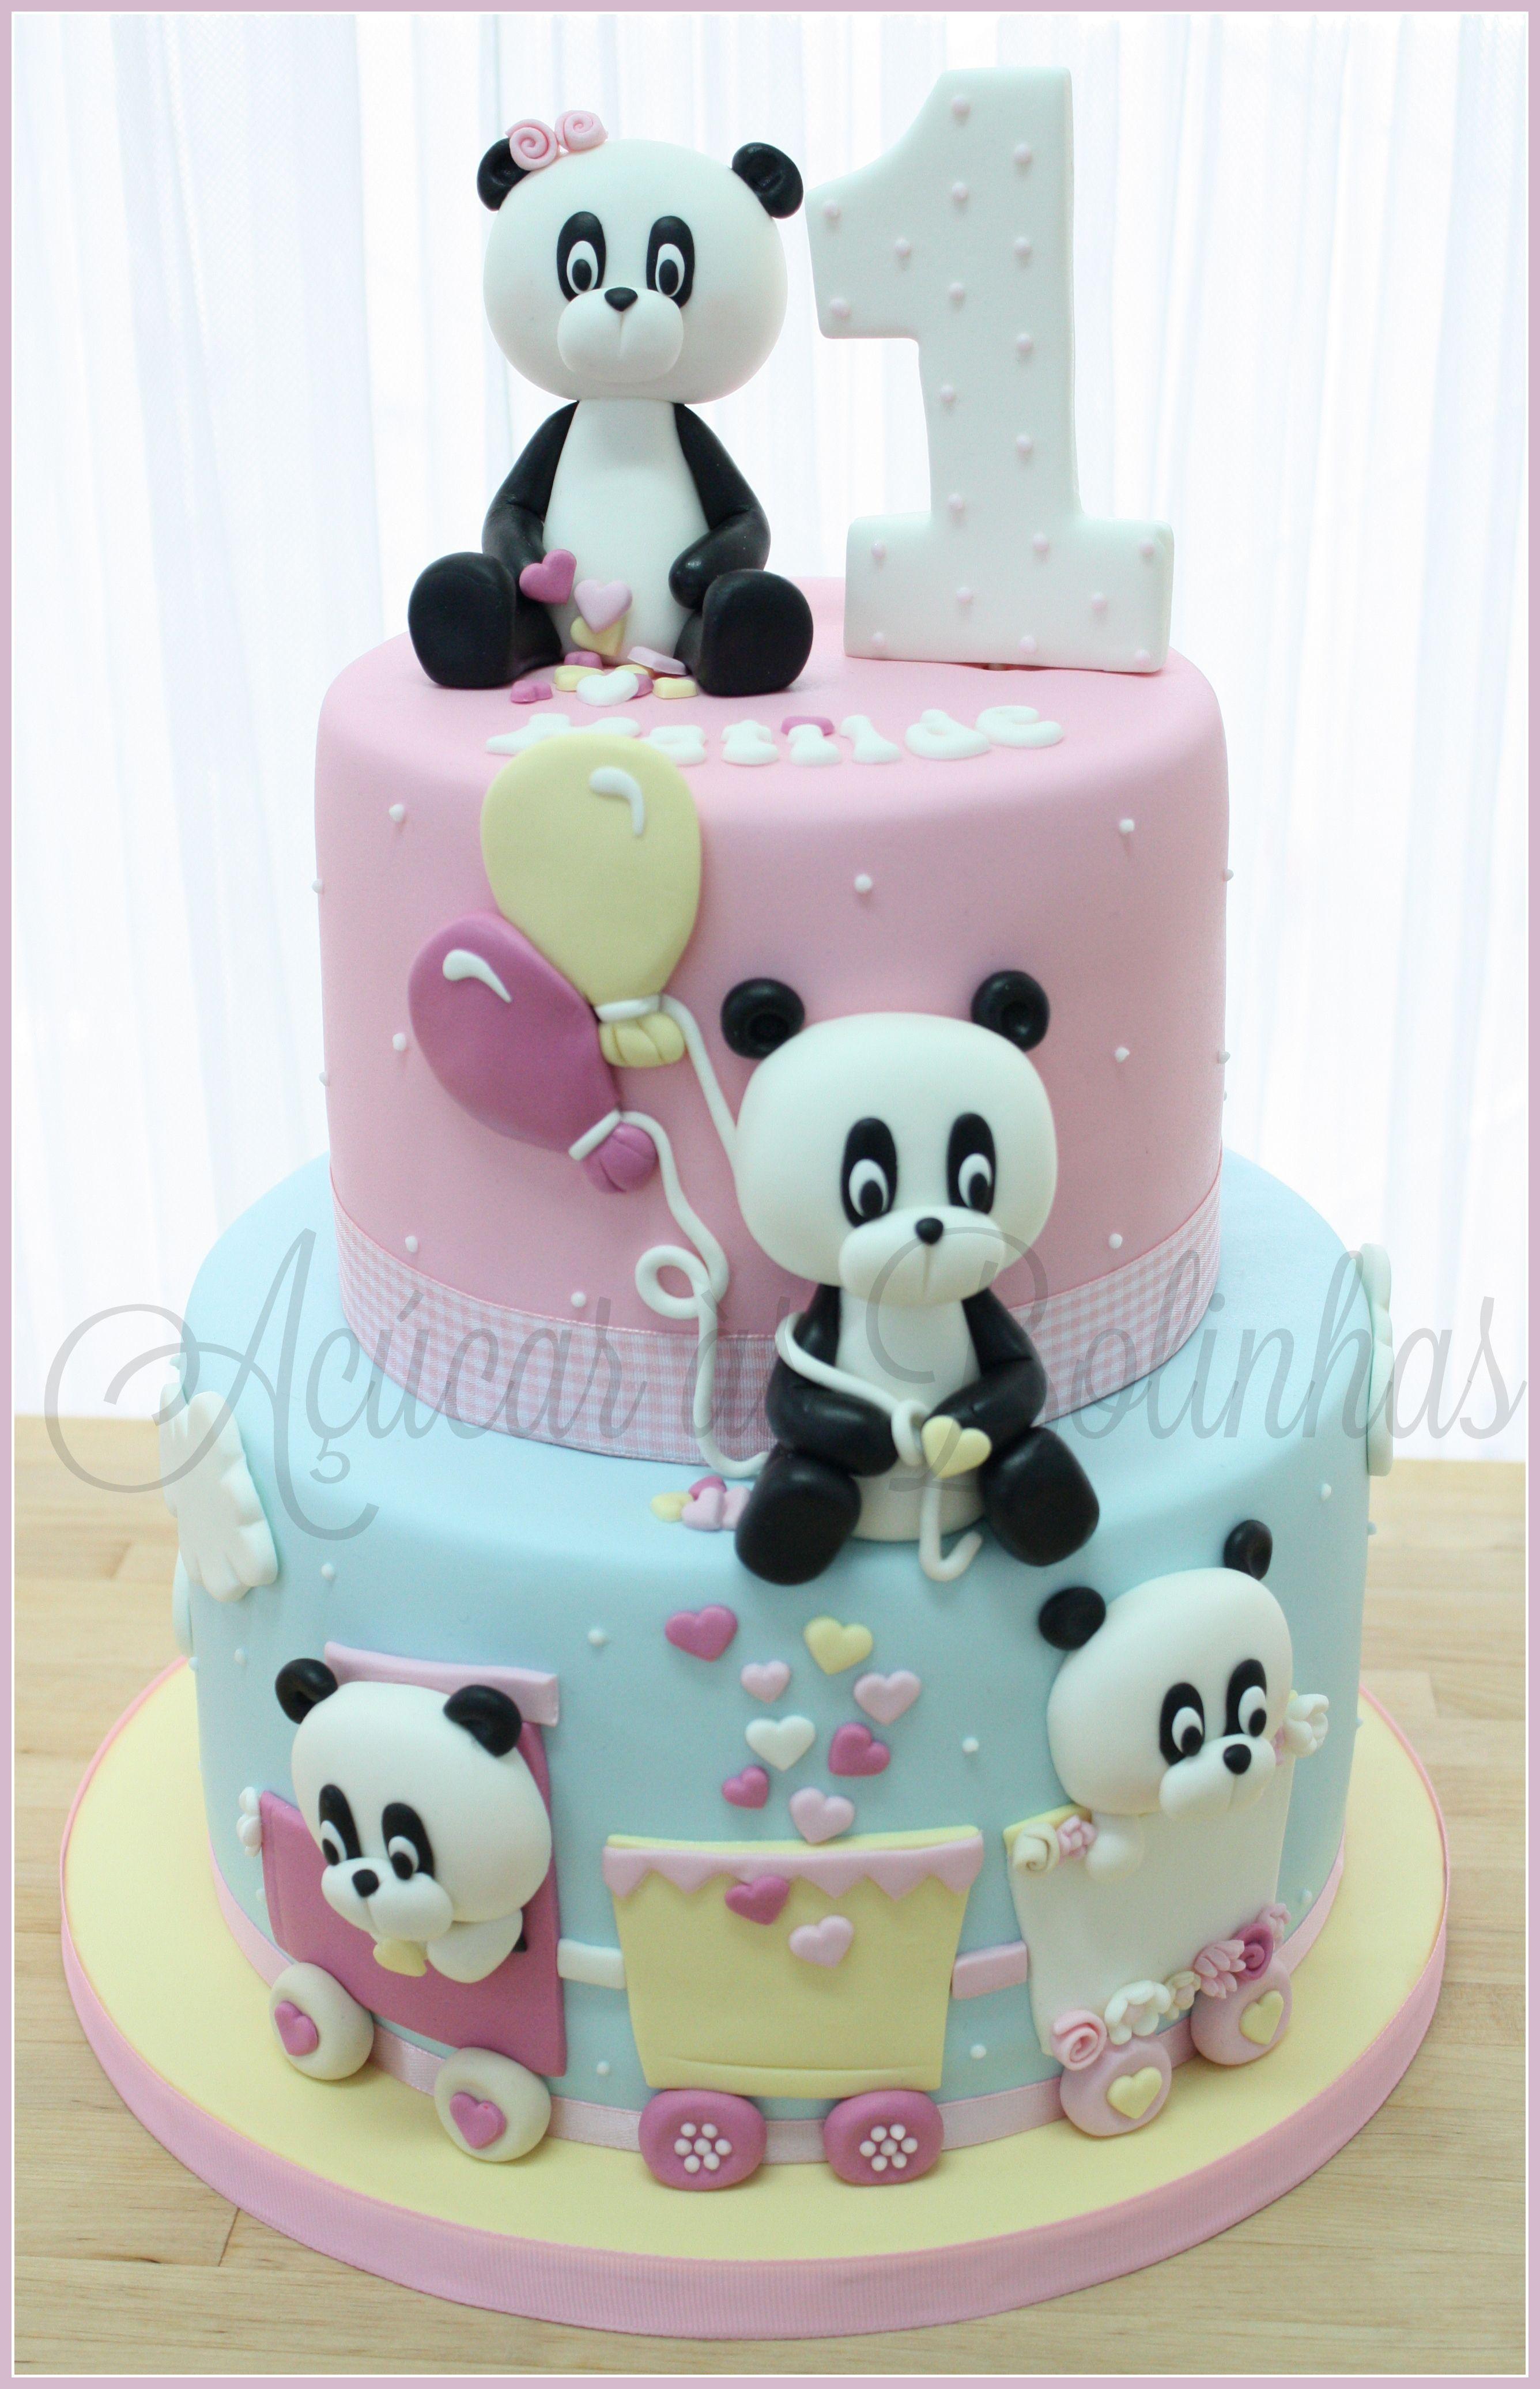 Pin by Yolanda Ceballos on fondant cakes | Cake, Panda cakes